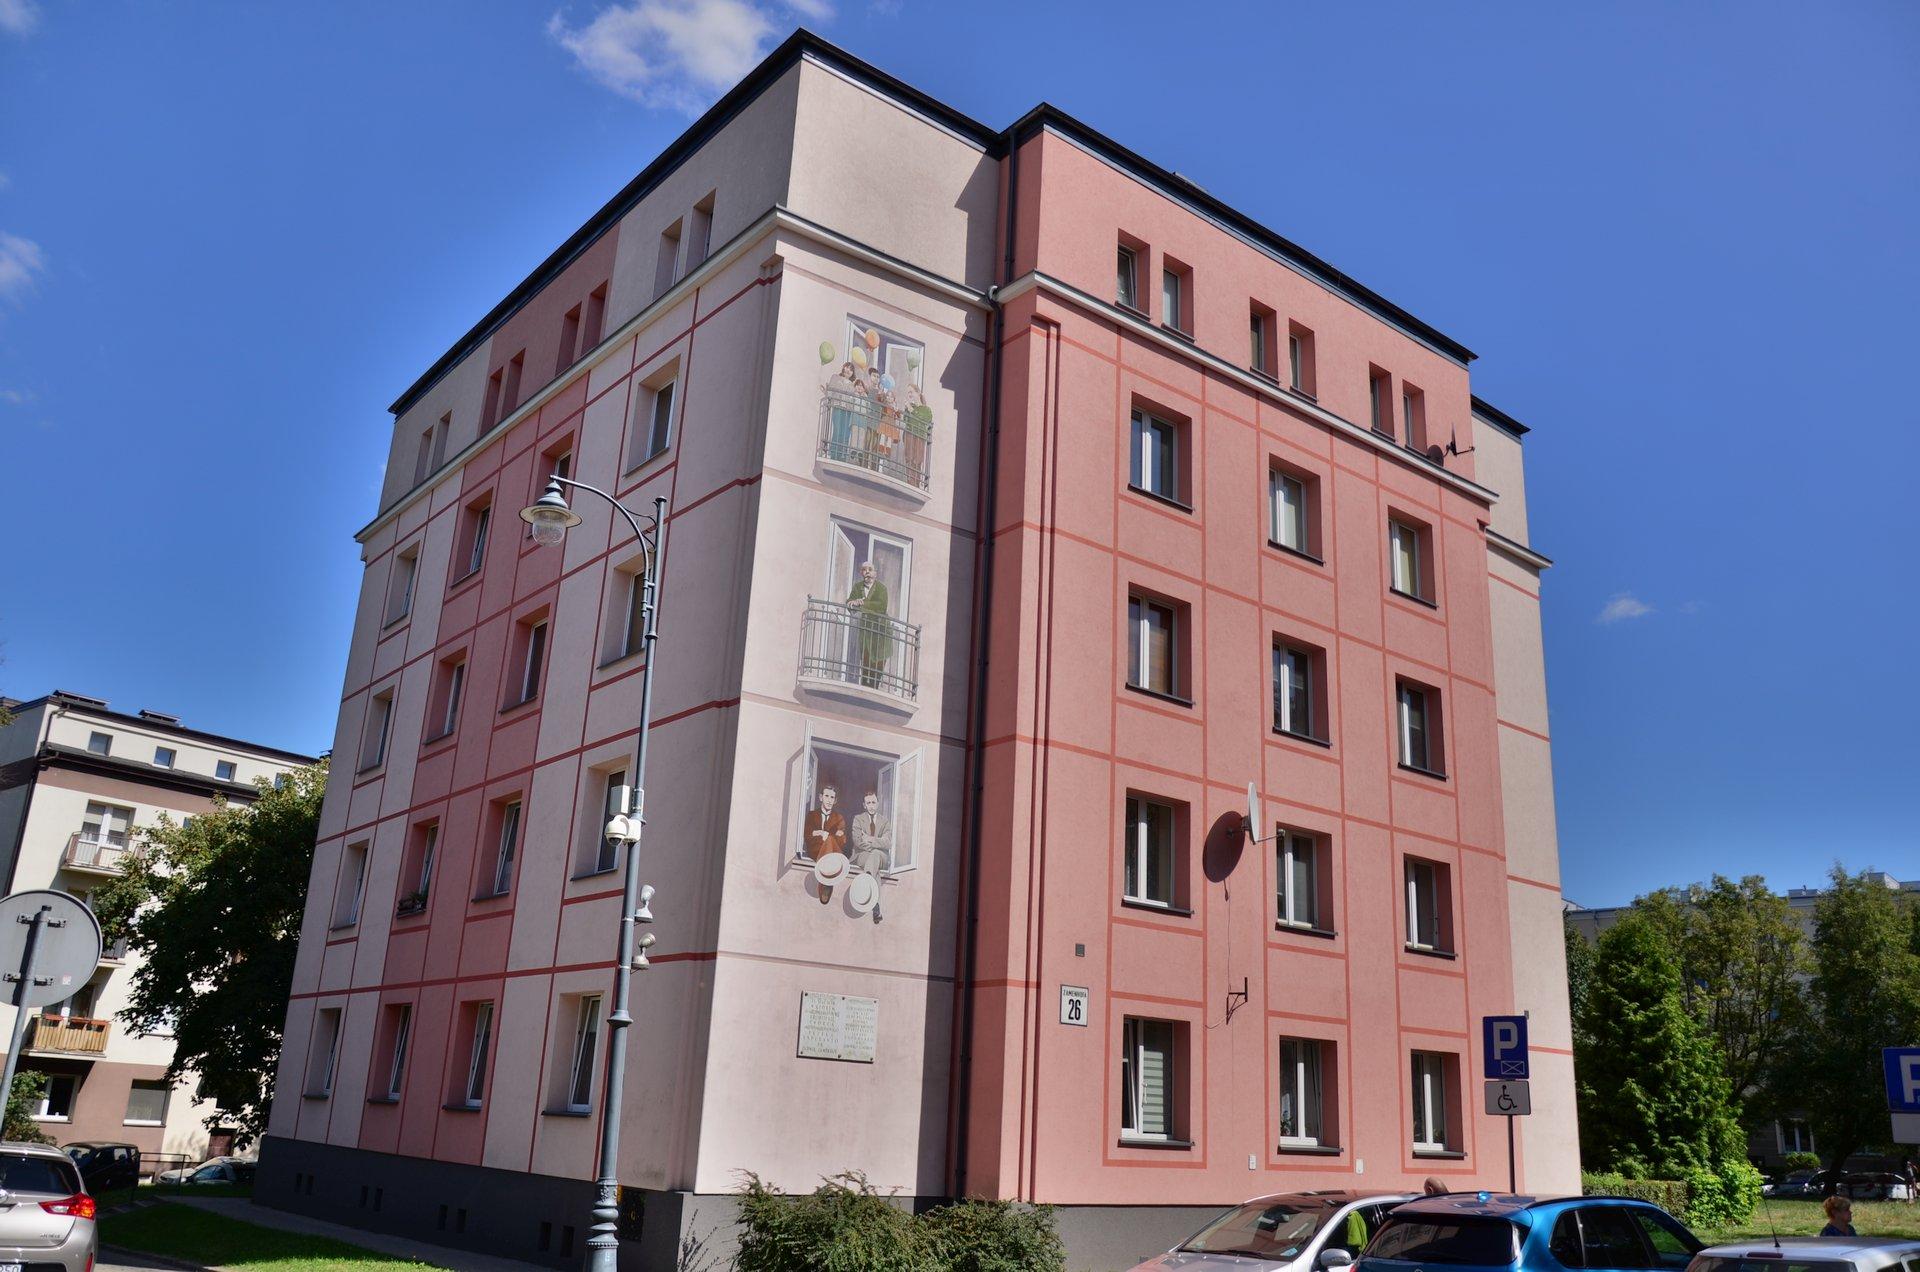 Białystok Zamenhofa centrum kamienica muralfree photo darmowe zdjęcie